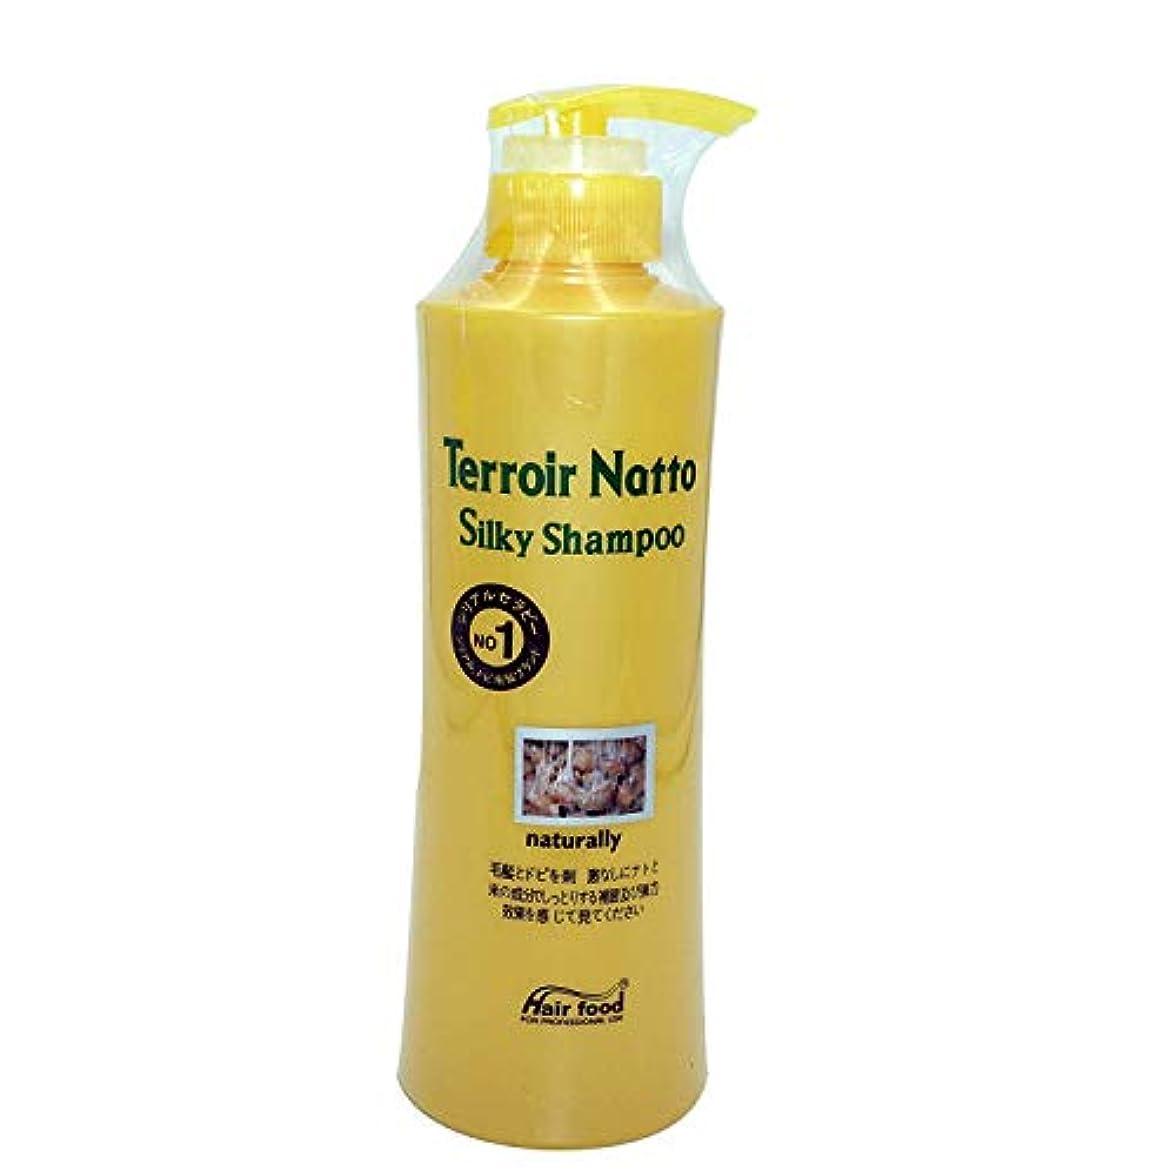 推進、動かすピア気づくなるHair food テロワール納豆シルキーシャンプー500ml、乾燥薄毛とセンシティブな頭皮用 - ビタミンタンパクによる弾力ヘア (Terroir Natto Silky Shampoo 500ml for Dry Thin Hair and Sensitive Scalp - Elastic Hair by Vitamin Protein)[並行輸入品]